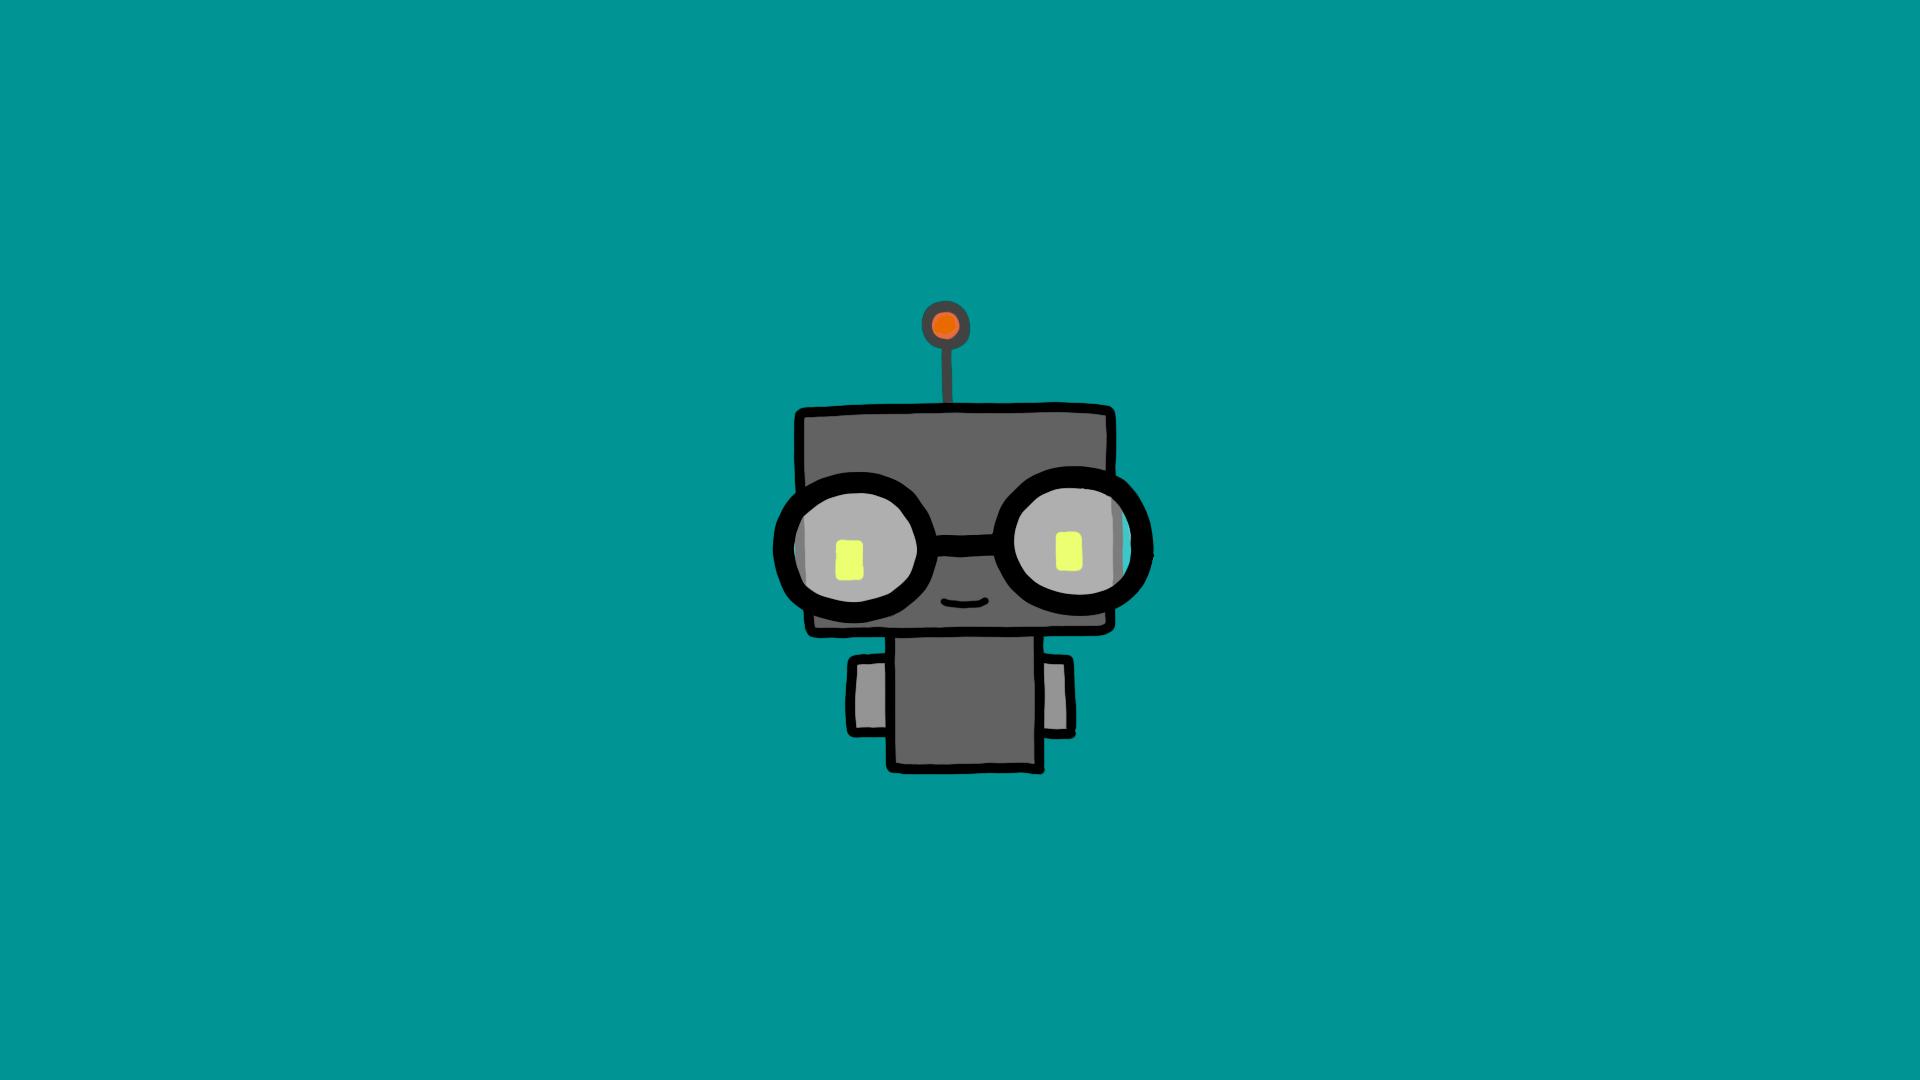 RoboNerd